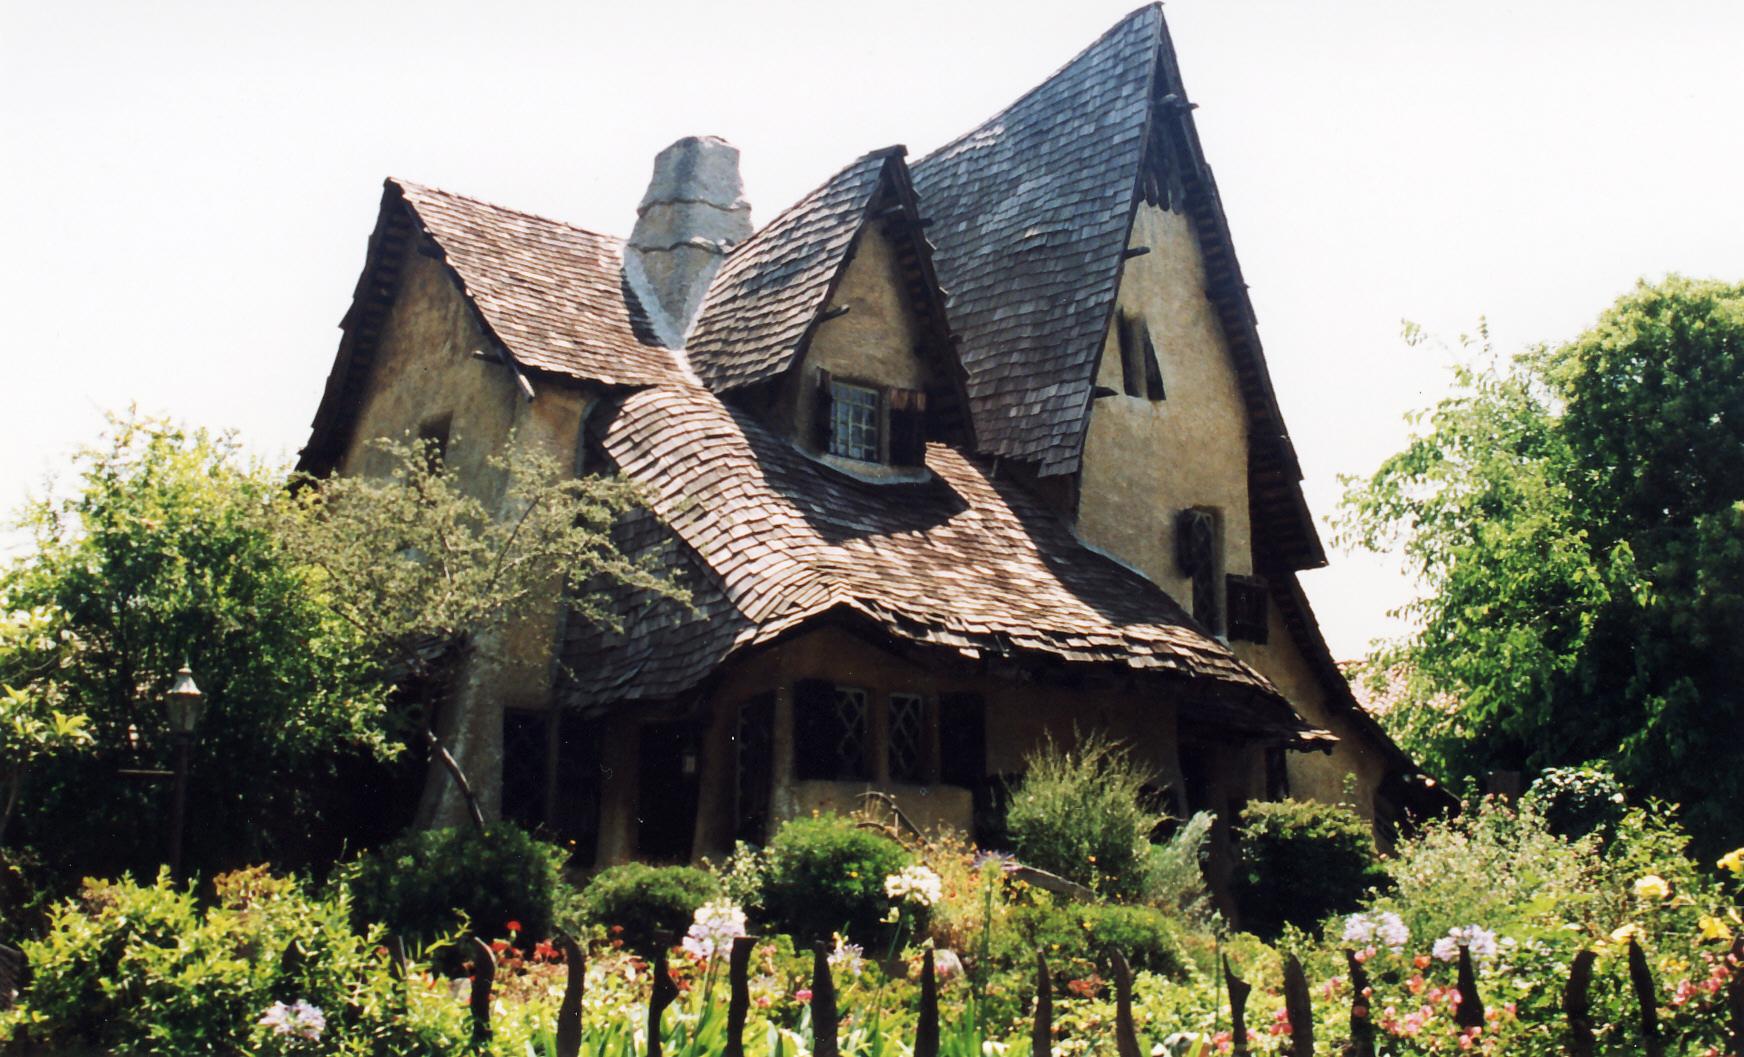 Cute Houses The Witch S House Random Photo 23249896 Fanpop